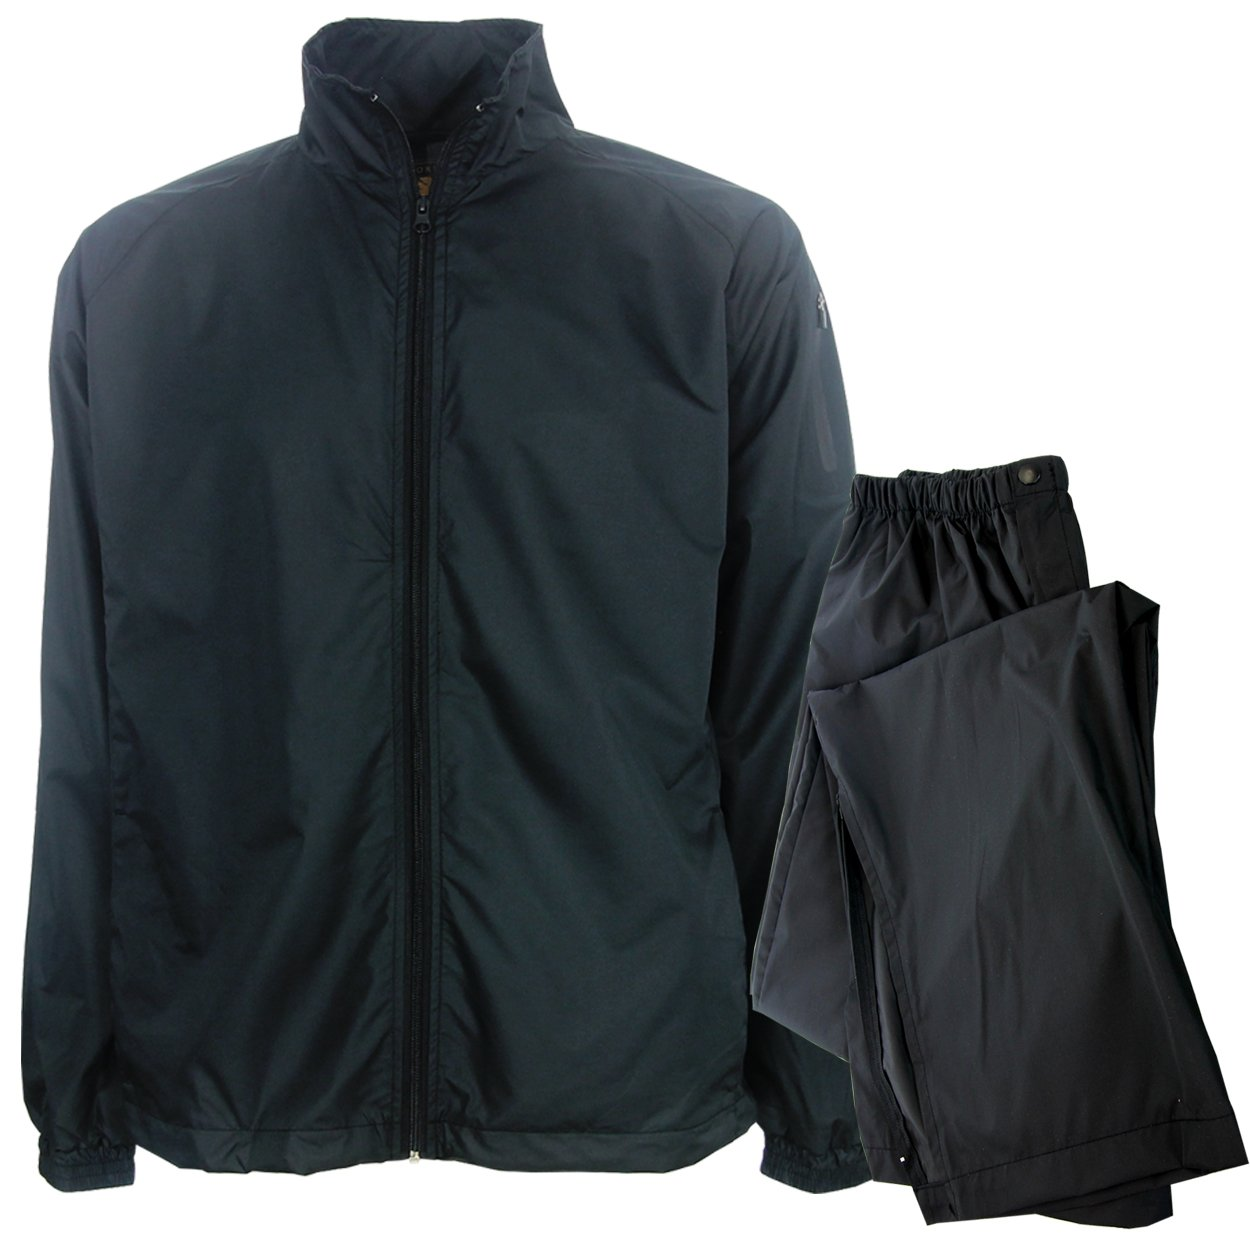 Forrester's Men's Packable Rain Set, Black, Large by Forrester's